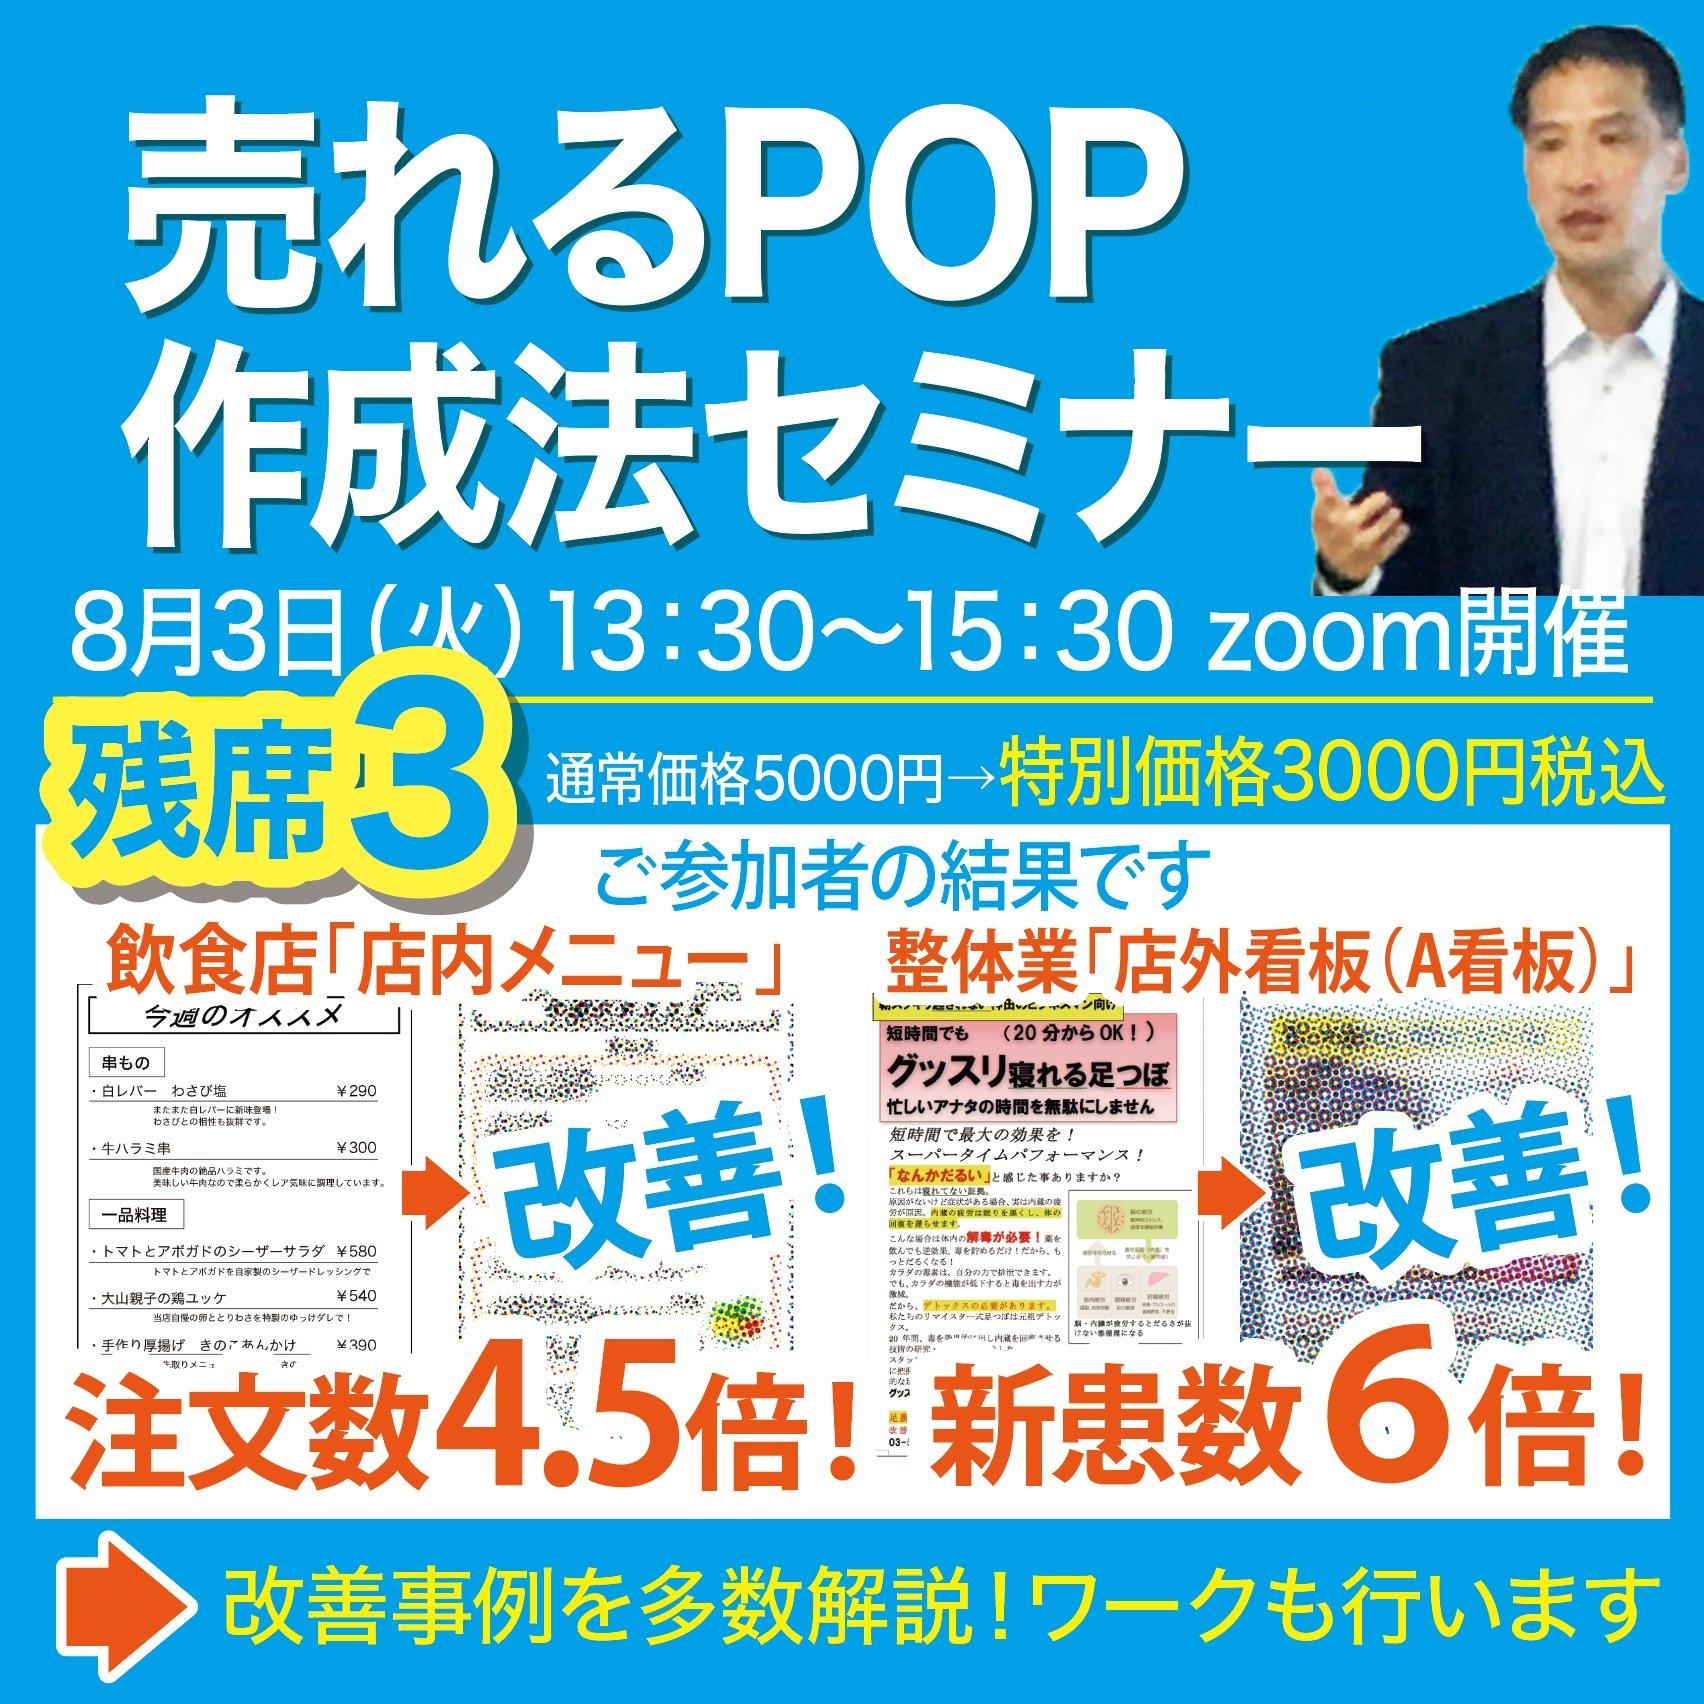 8/3(火) 売れるPOP作成法セミナー(zoom開催)のイメージその1